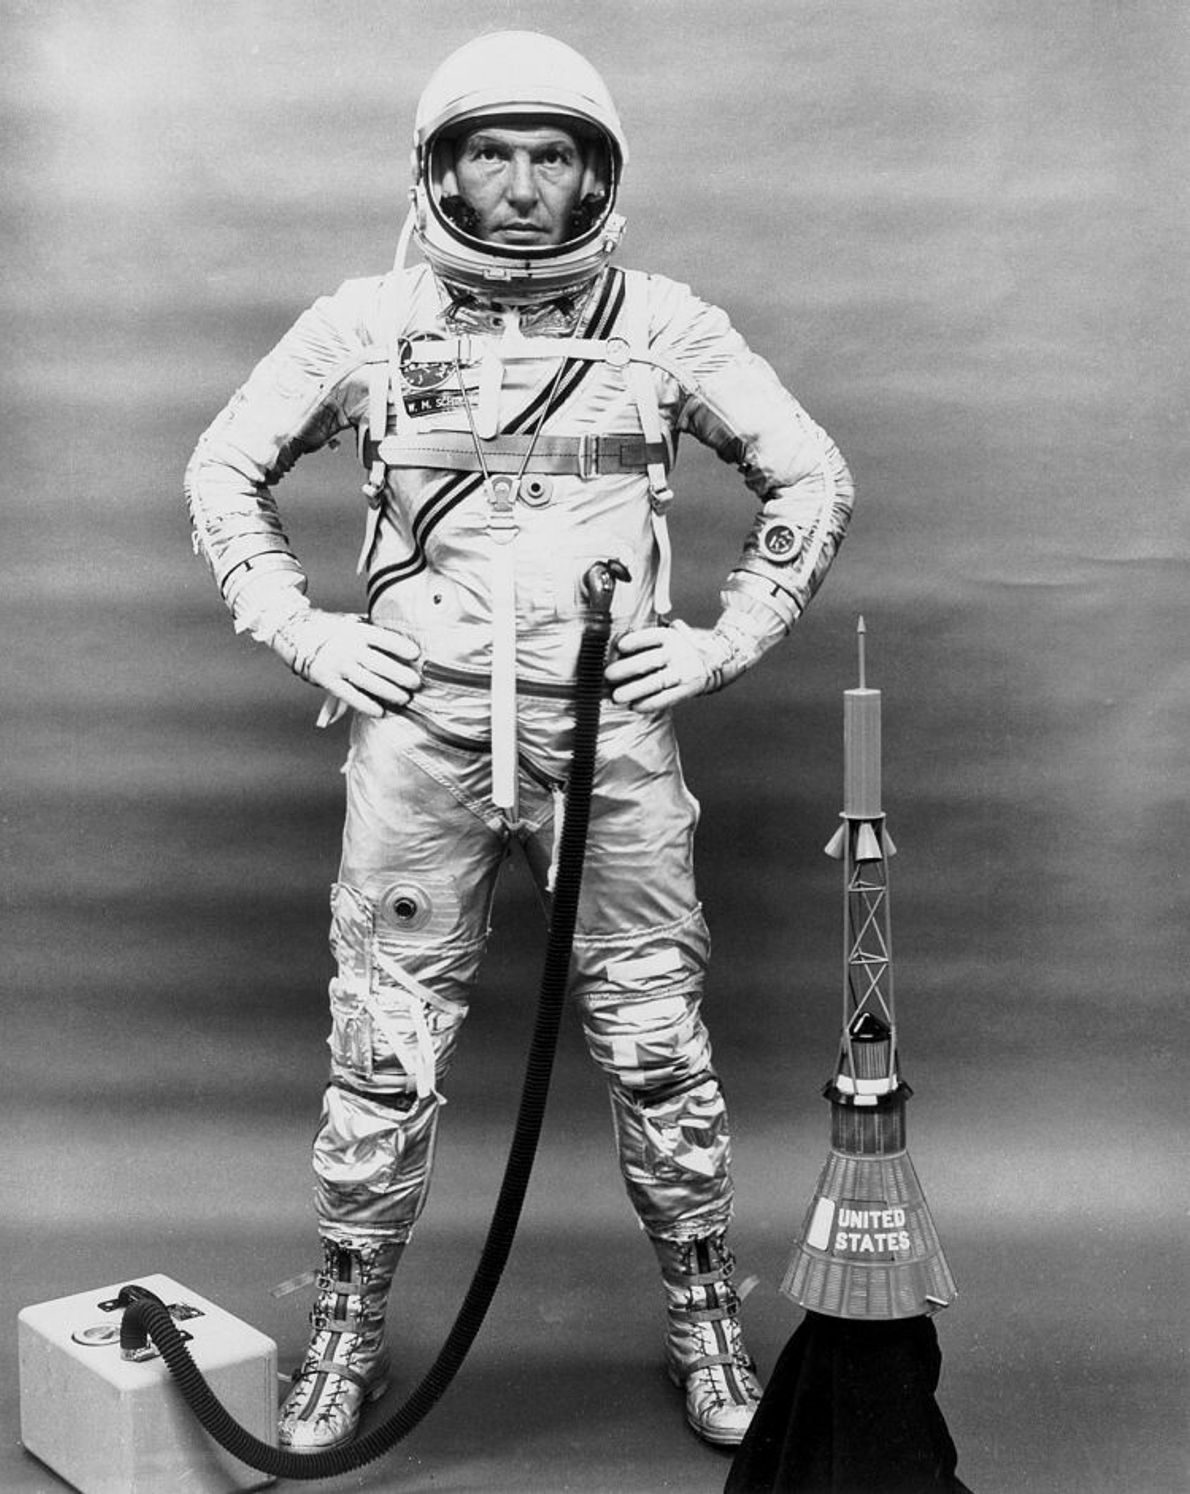 Wally Schirra posiert mit seinem Anzug, einem tragbaren Sauerstofftank und einem Modell der Mercury-Kapsel. Schirras war ...